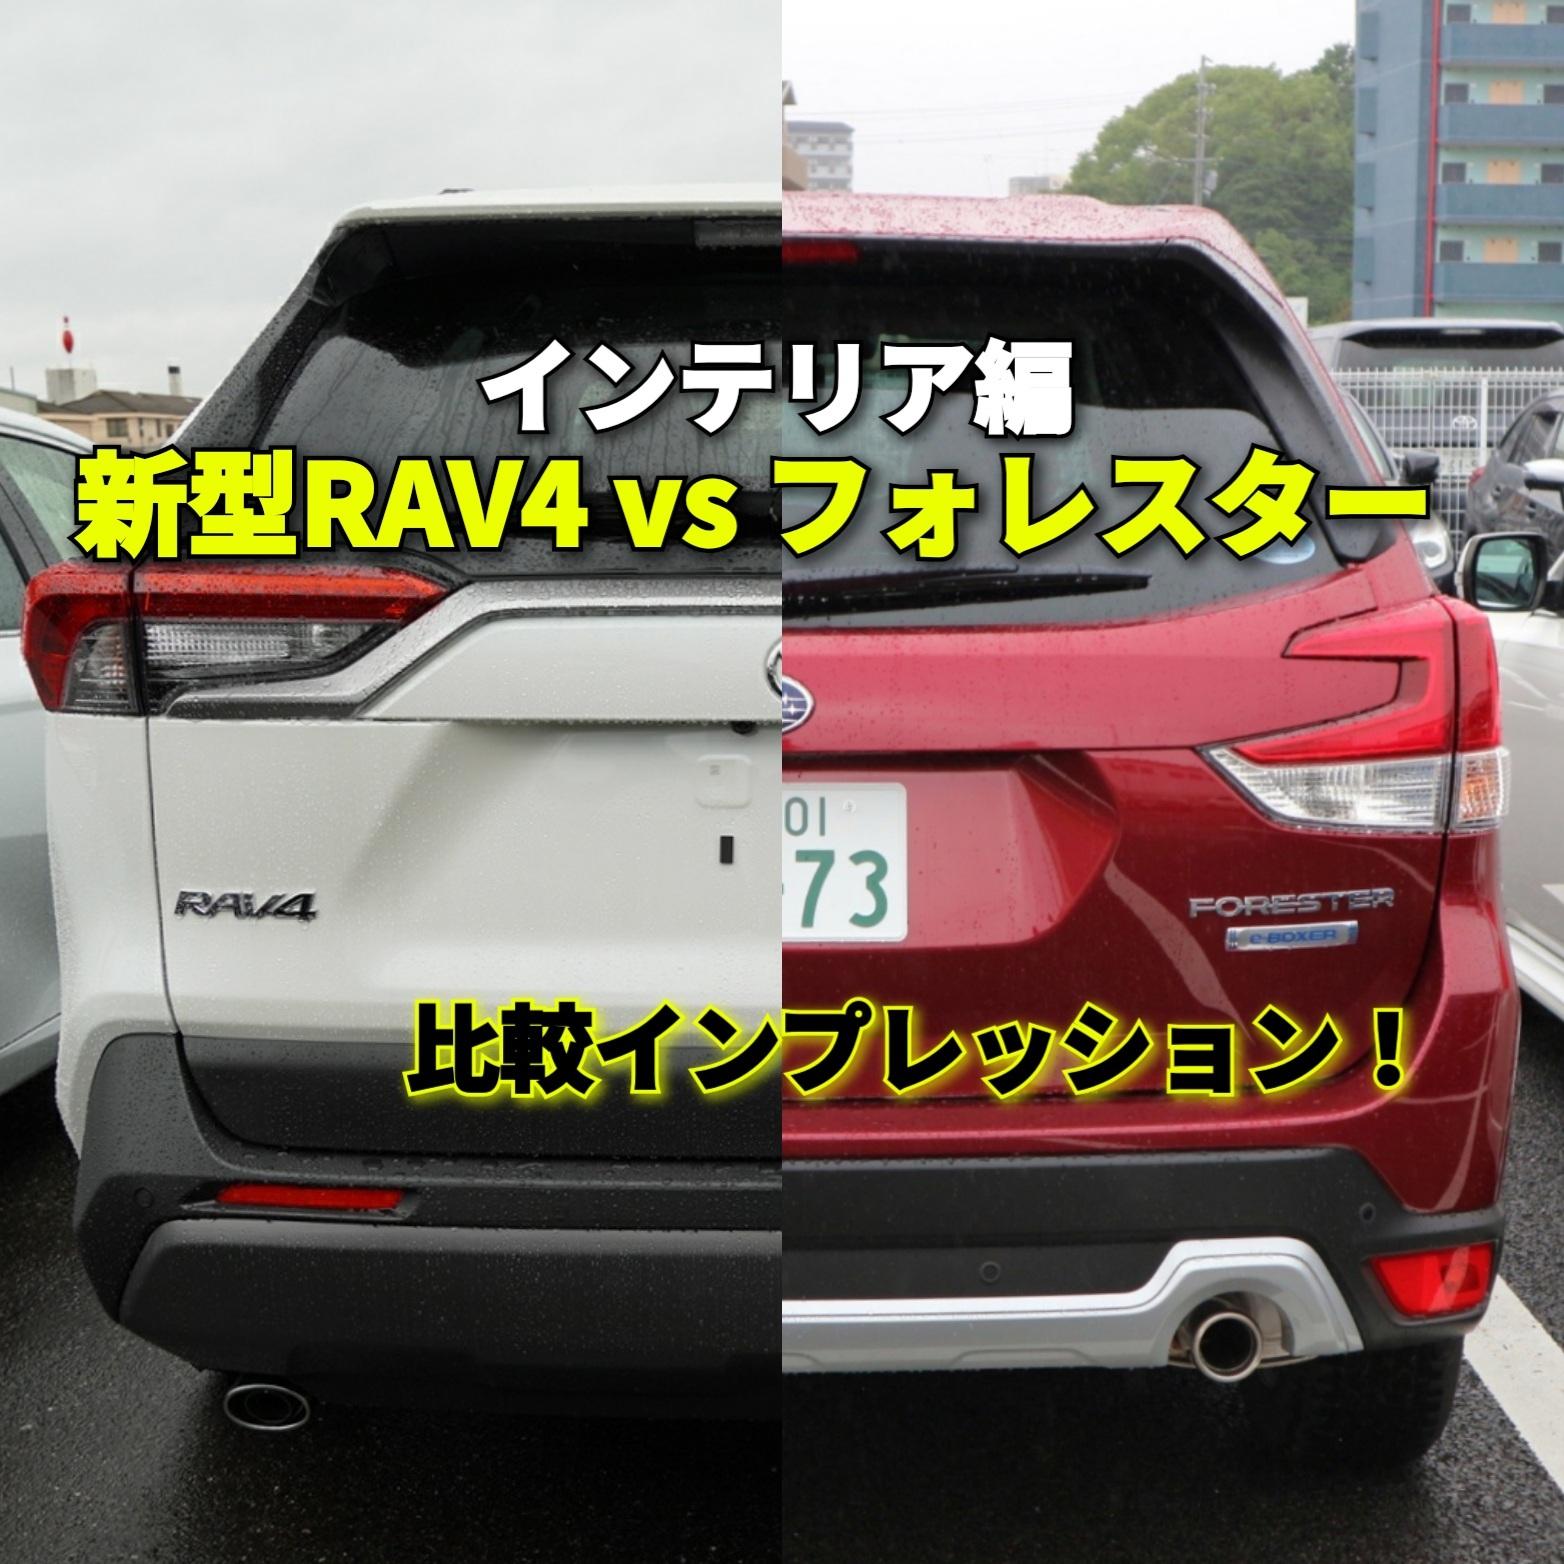 元警現消ブログ【インテリア編!】新型RAV4vsフォレスター比較インプレッション!②